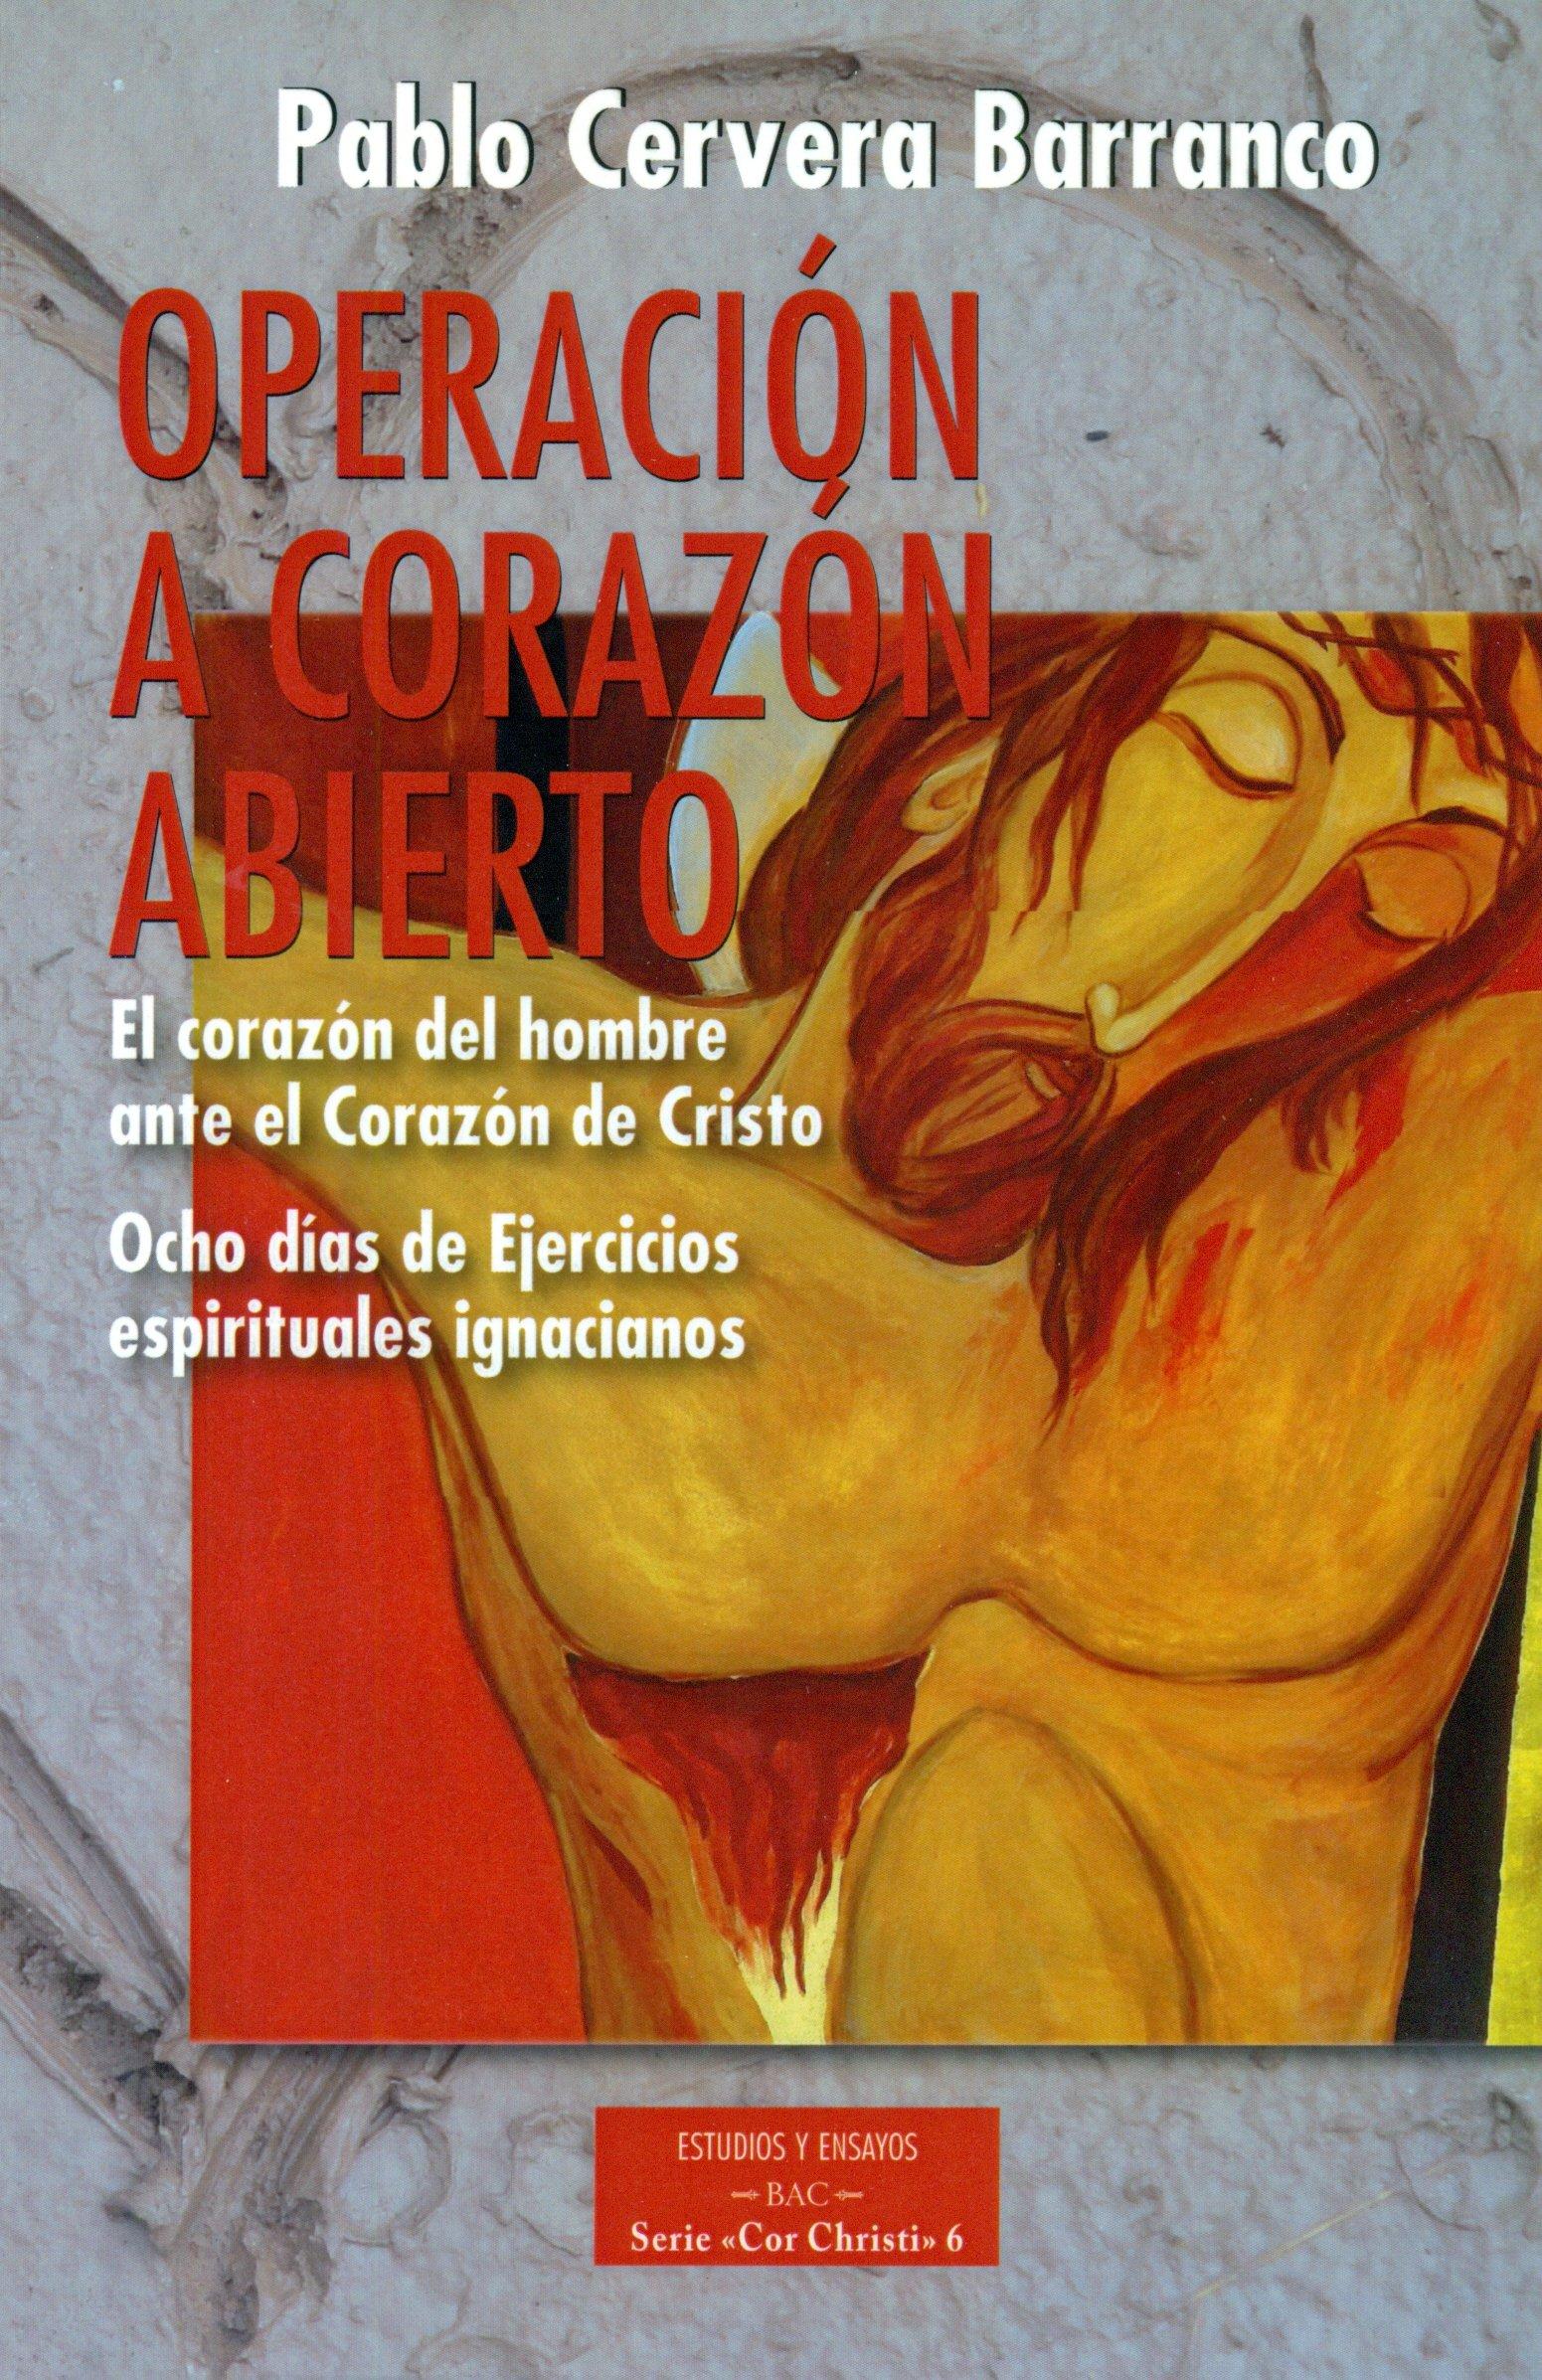 Operacion a corazon abierto (ESTUDIOS Y ENSAYOS): Amazon.es: Pablo Cervera: Libros